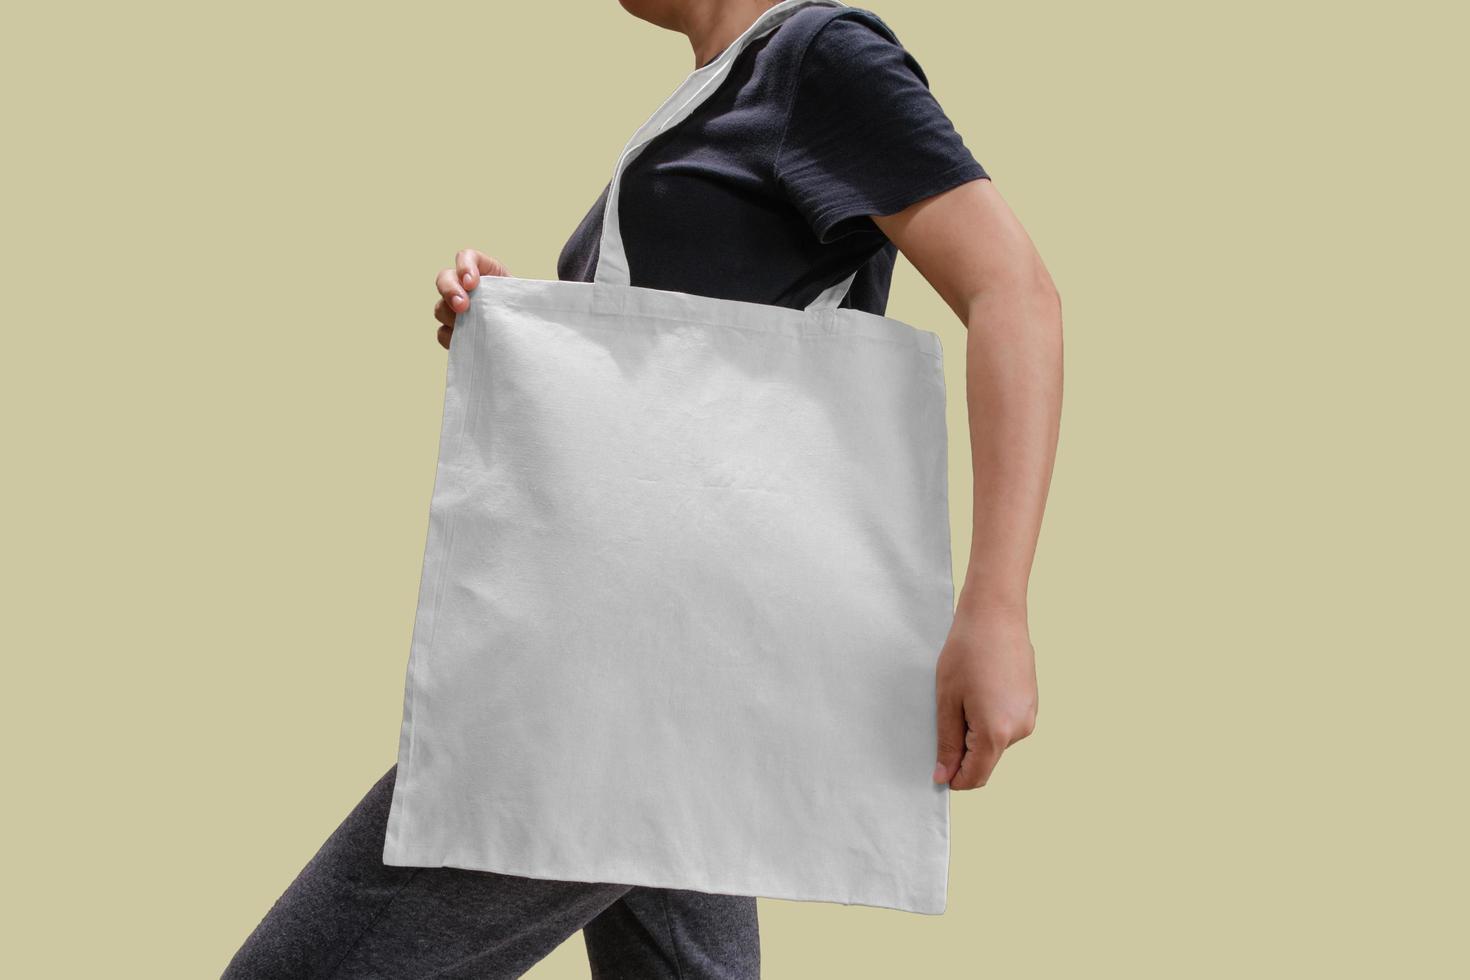 Femme tenant un sac fourre-tout en tissu pour maquette photo